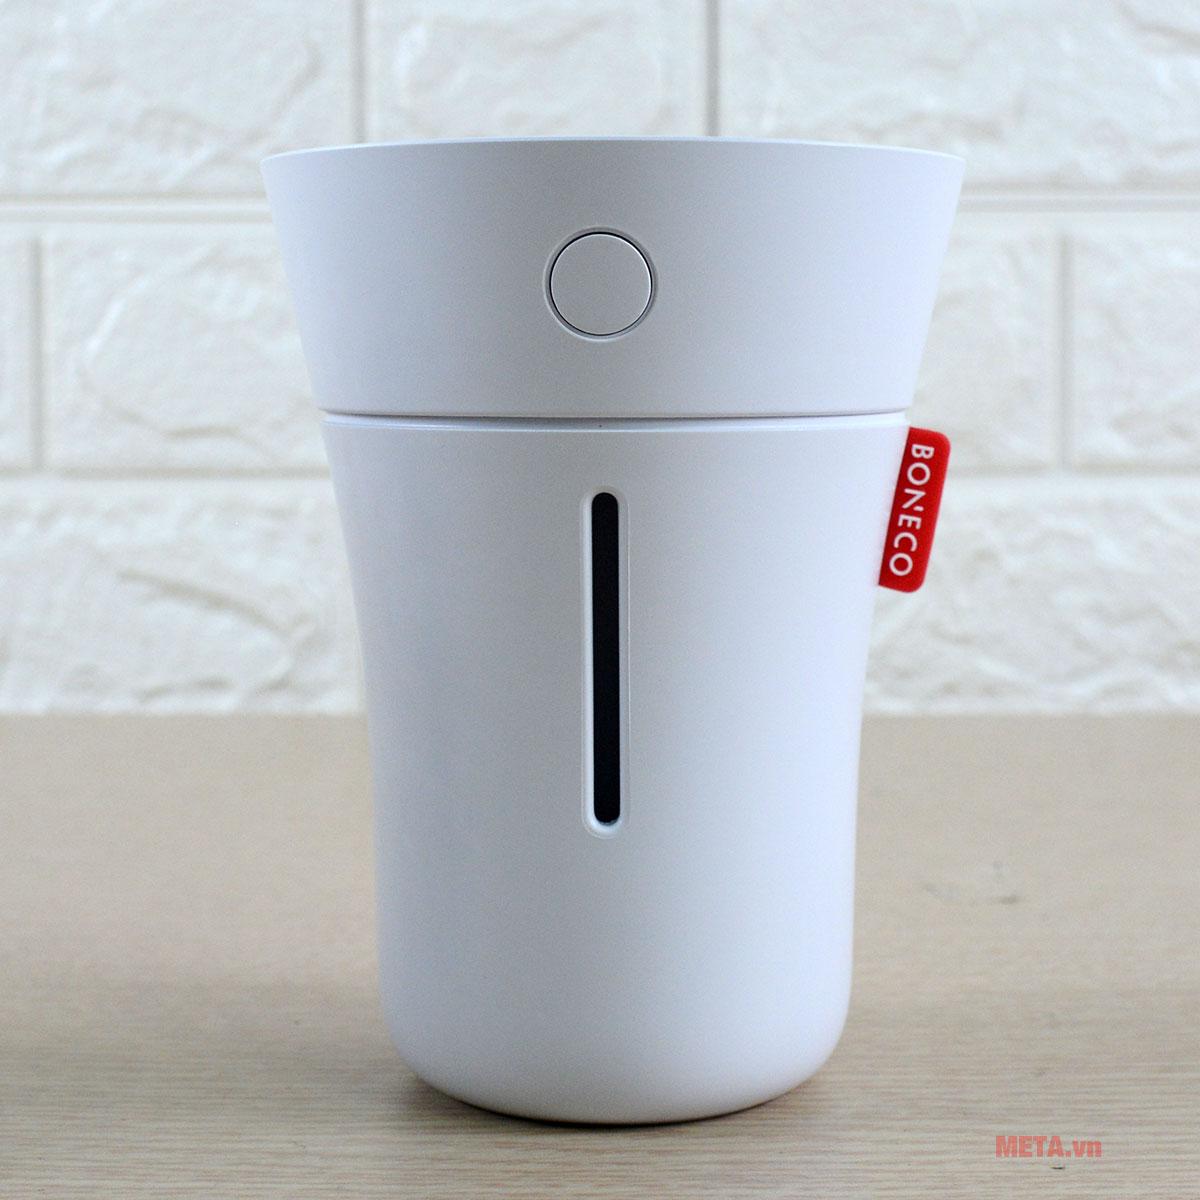 Máy tạo độ ẩm Ultrasonic Boneco U50 màu trắng trang nhã